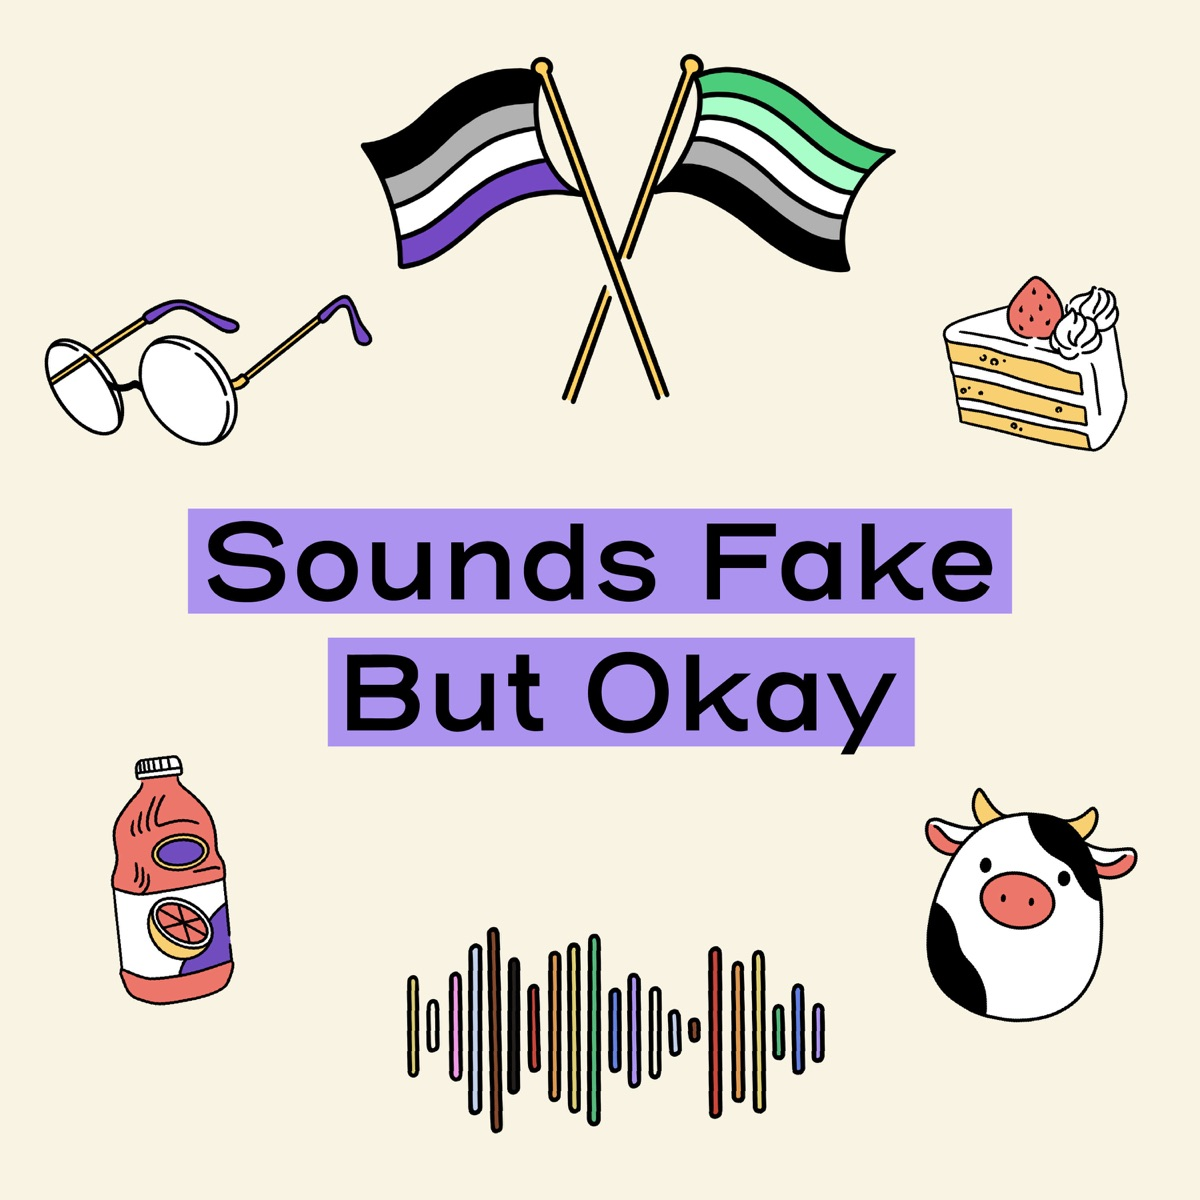 Sounds Fake But Okay